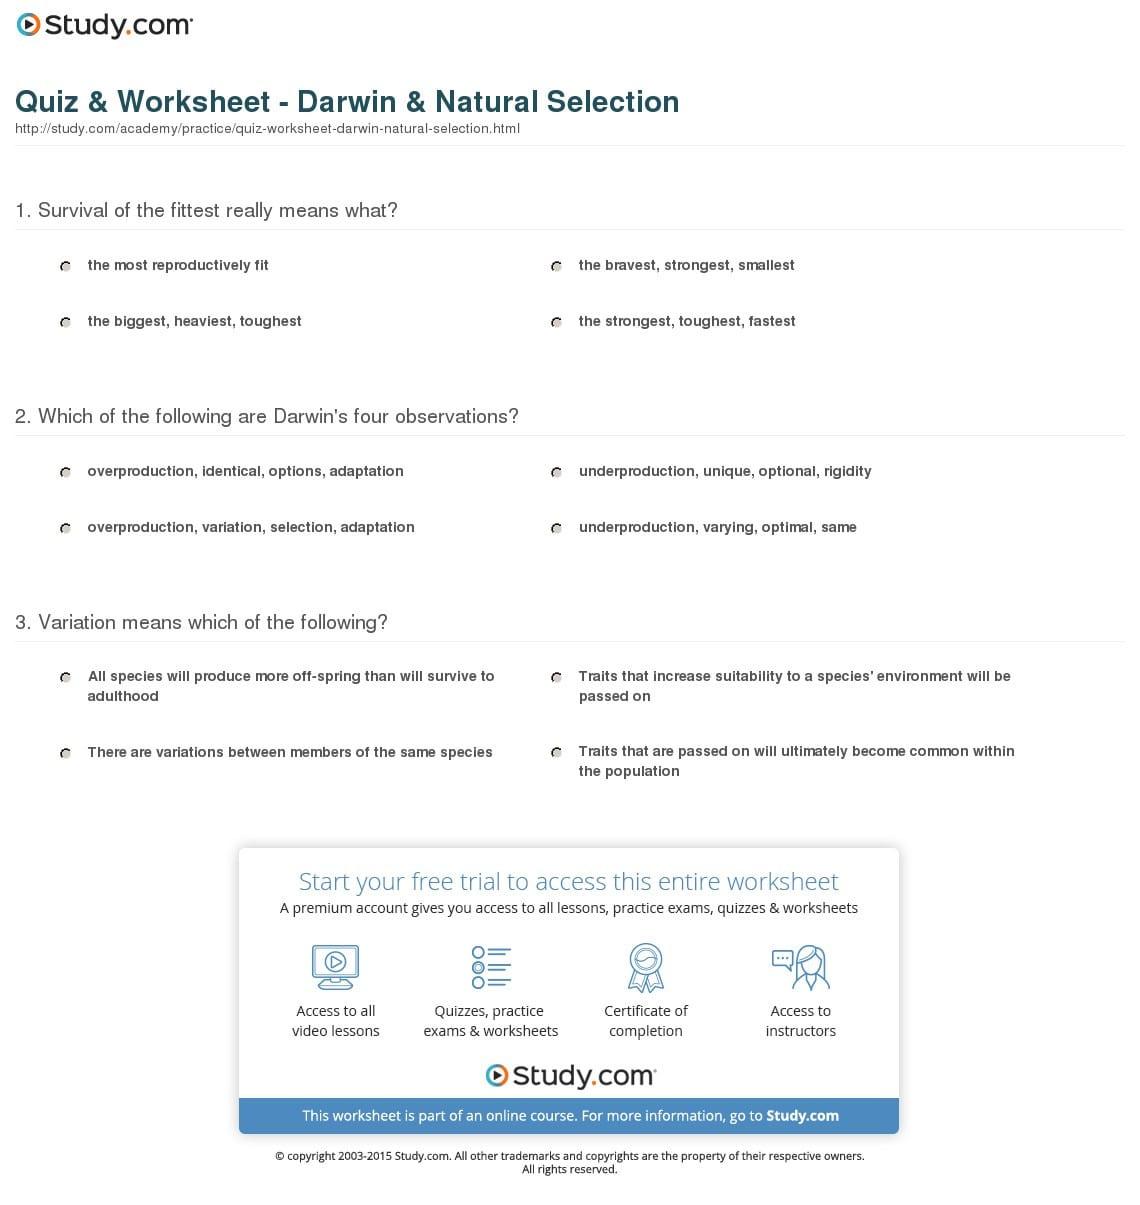 Darwins Natural Selection Worksheet — db excel.com